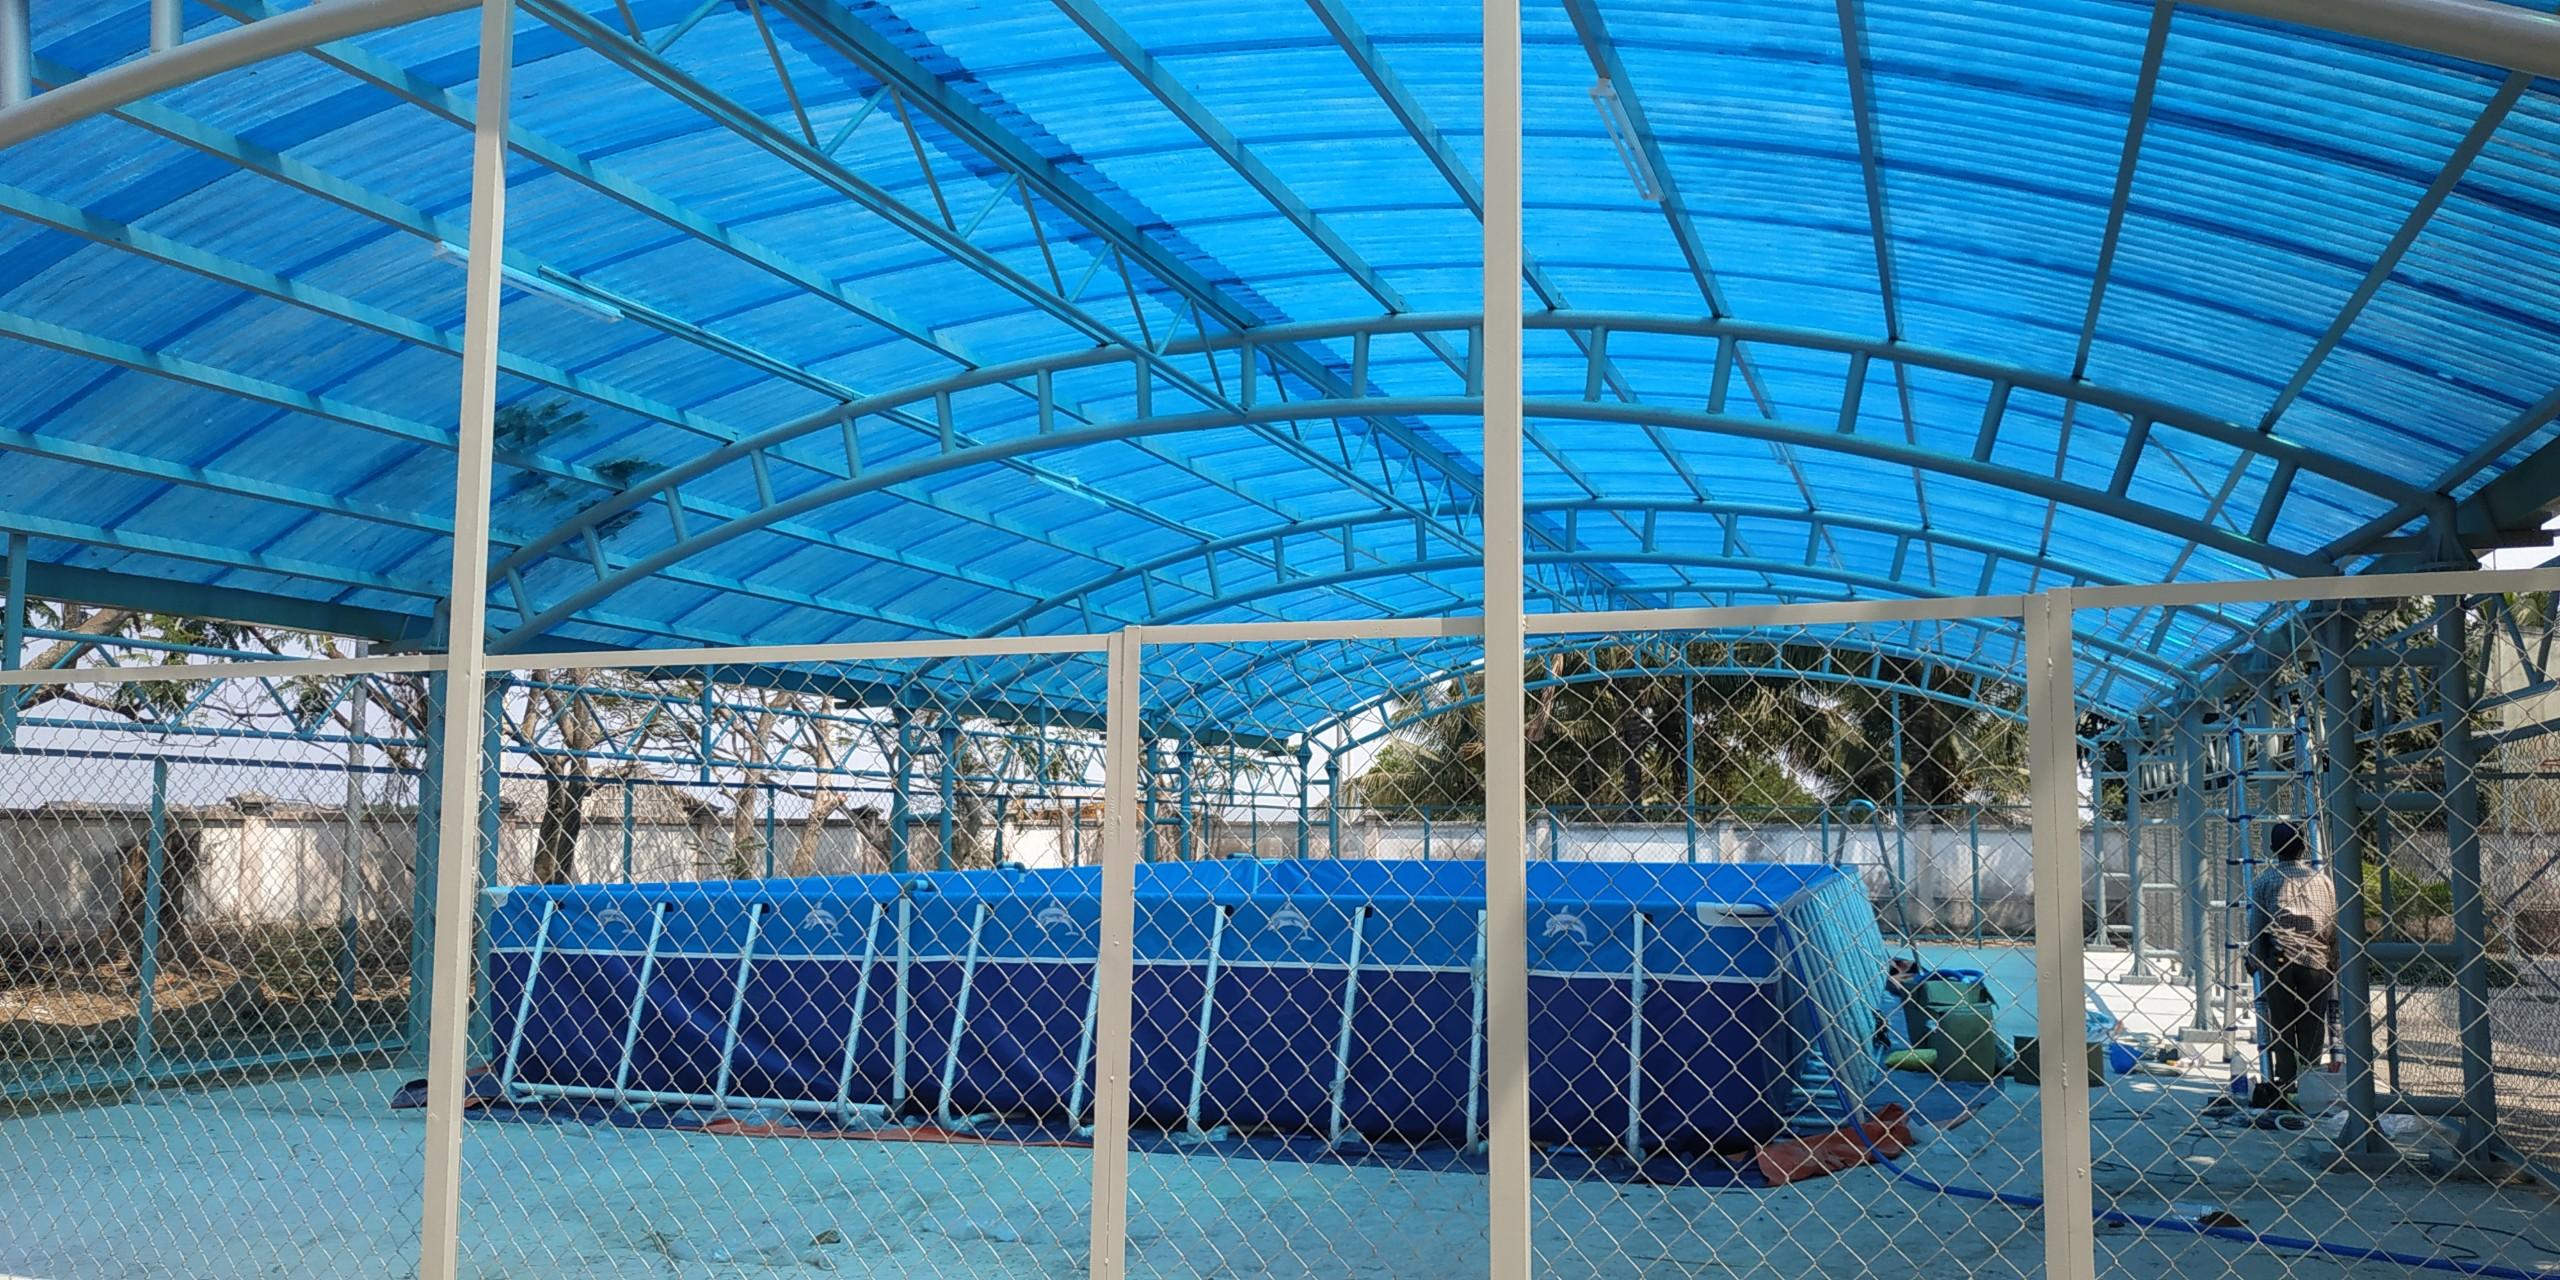 Bể Bơi Di Động Lắp Ghép Tại Cao Bằng Hoạt Động Từ 2019 Đến Này 17